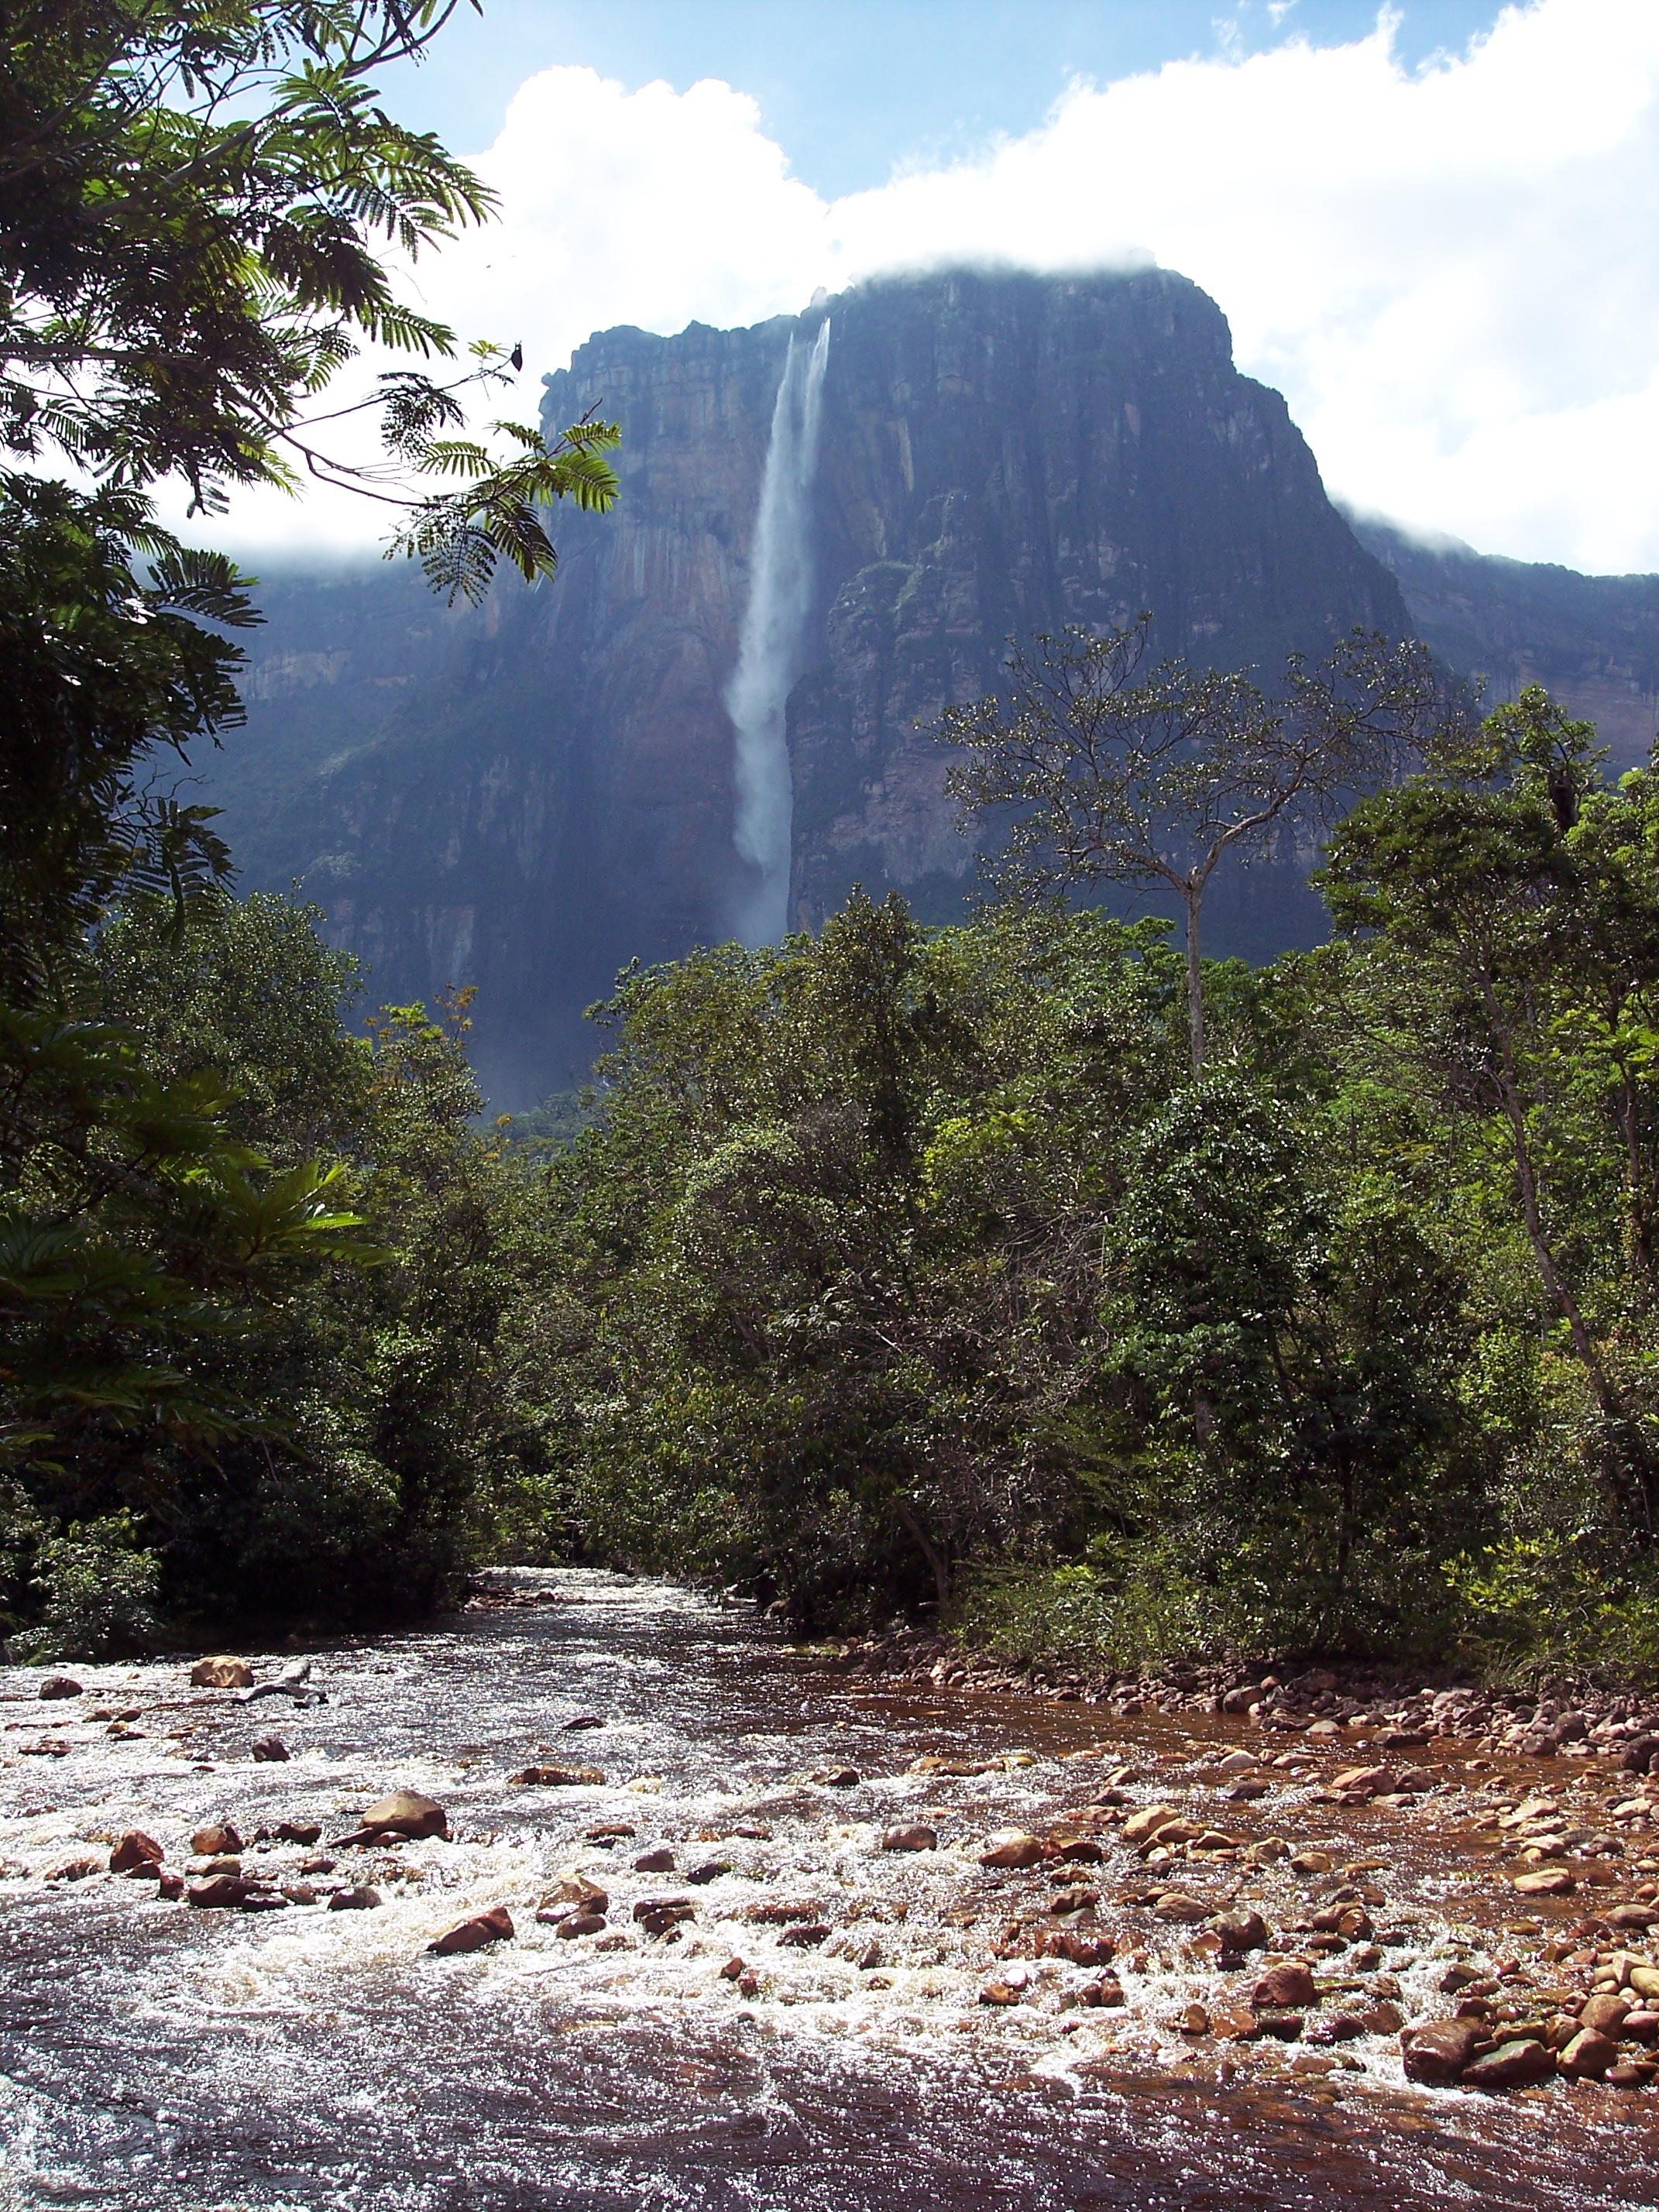 Salto_del_Angel-Canaima-Venezuela04.JPG